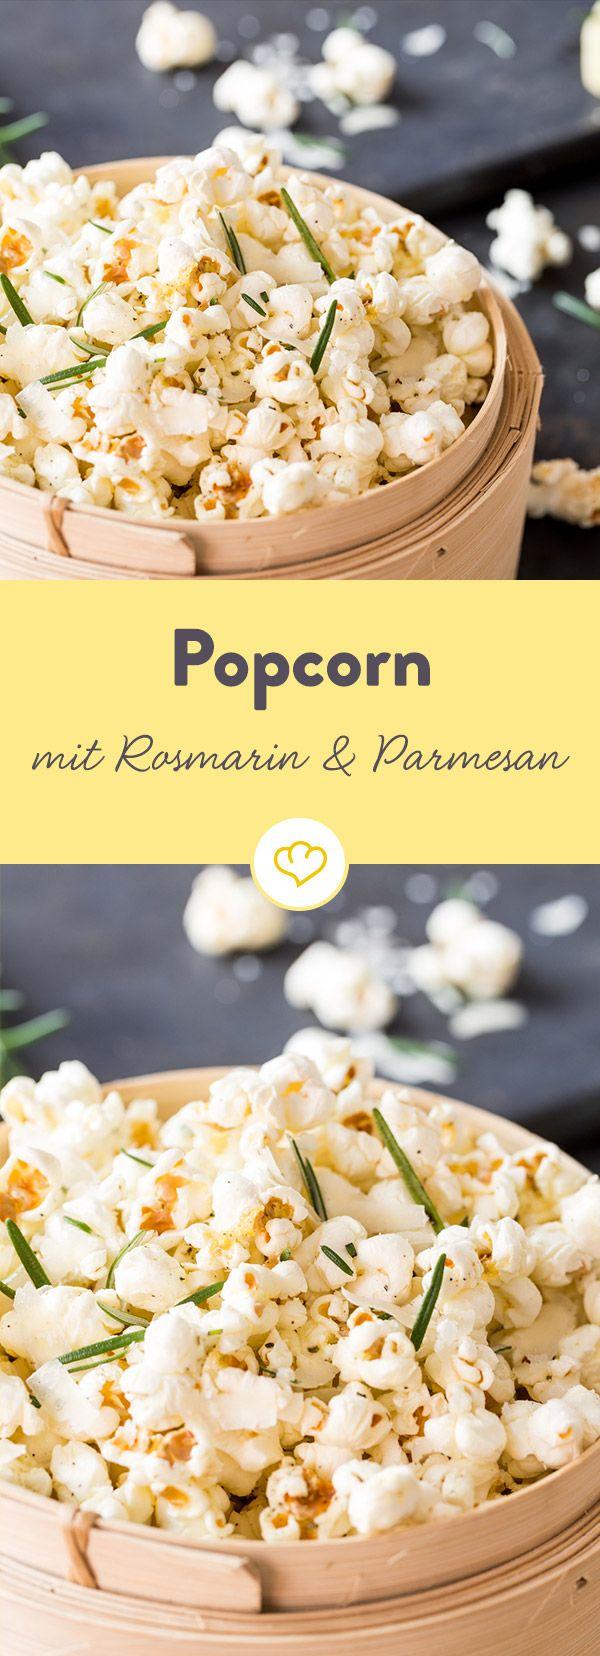 Popcorn karamellig süß? Nein, danke. Der fluffige Filmsnack soll heute mal herzhaft sein mit Salz, Pfeffer, Rosmarin und ein wenig geriebenem Parmesan.